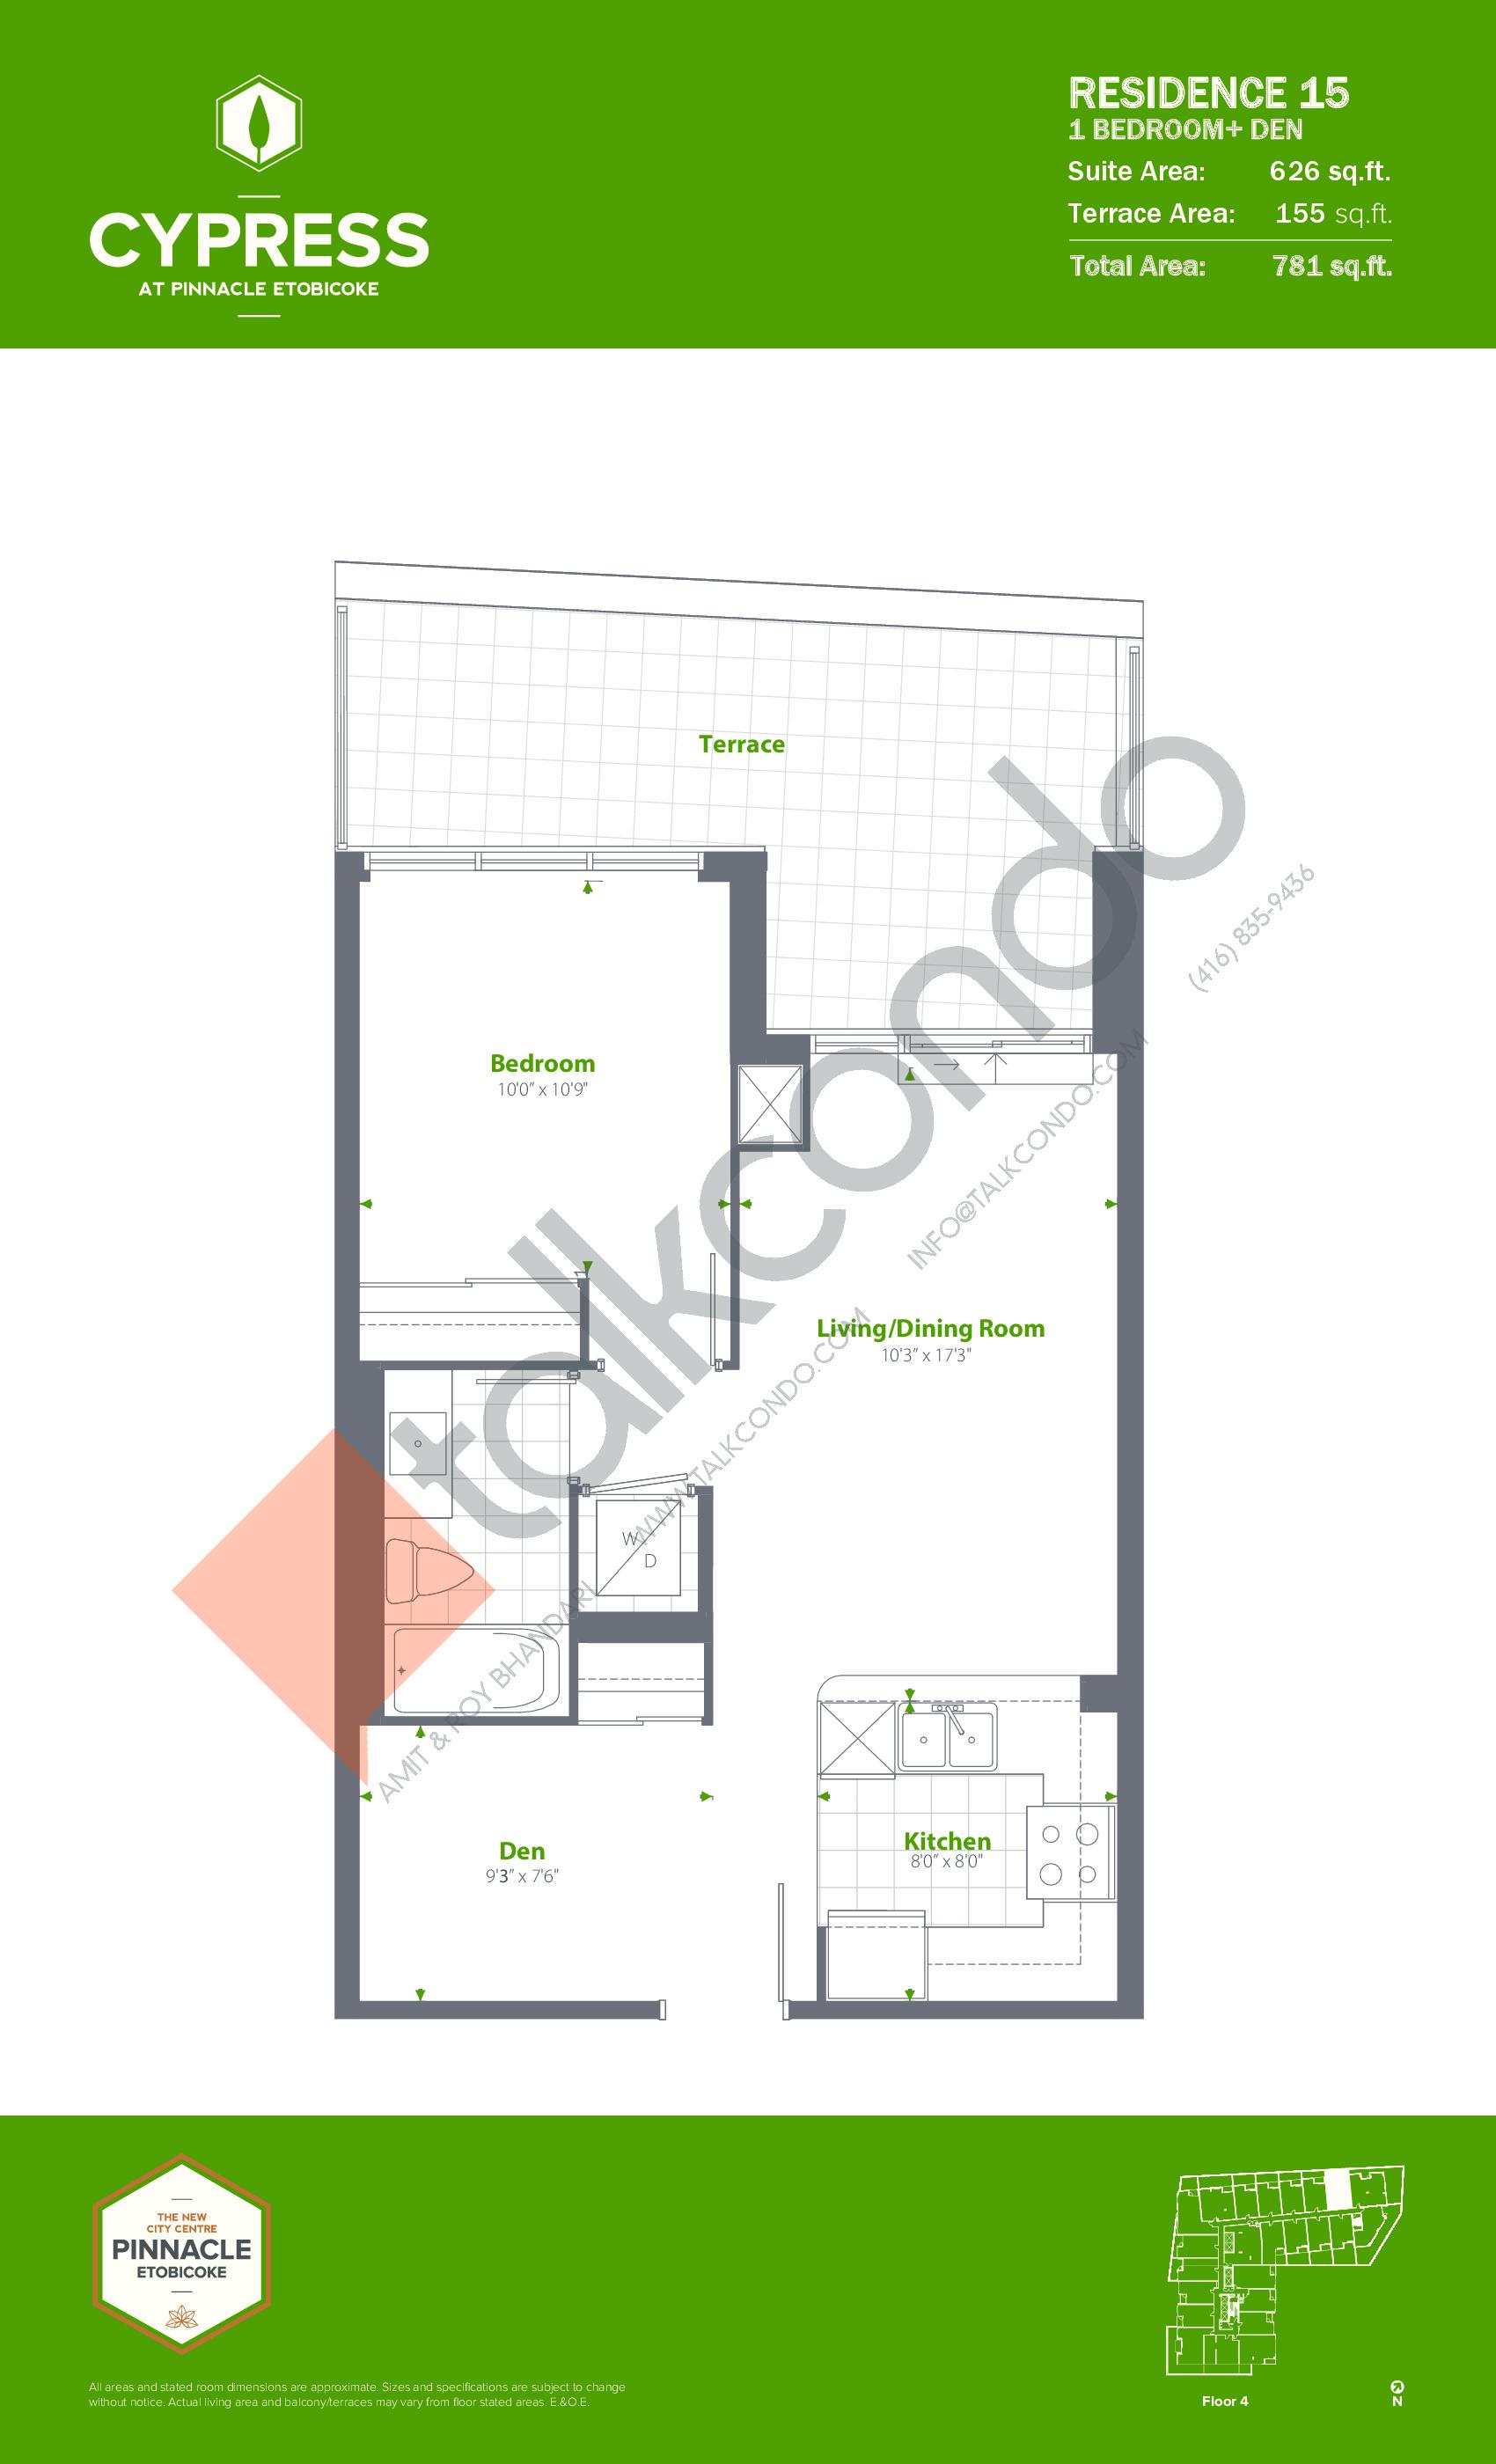 Residence 15 Floor Plan at Cypress at Pinnacle Etobicoke - 626 sq.ft